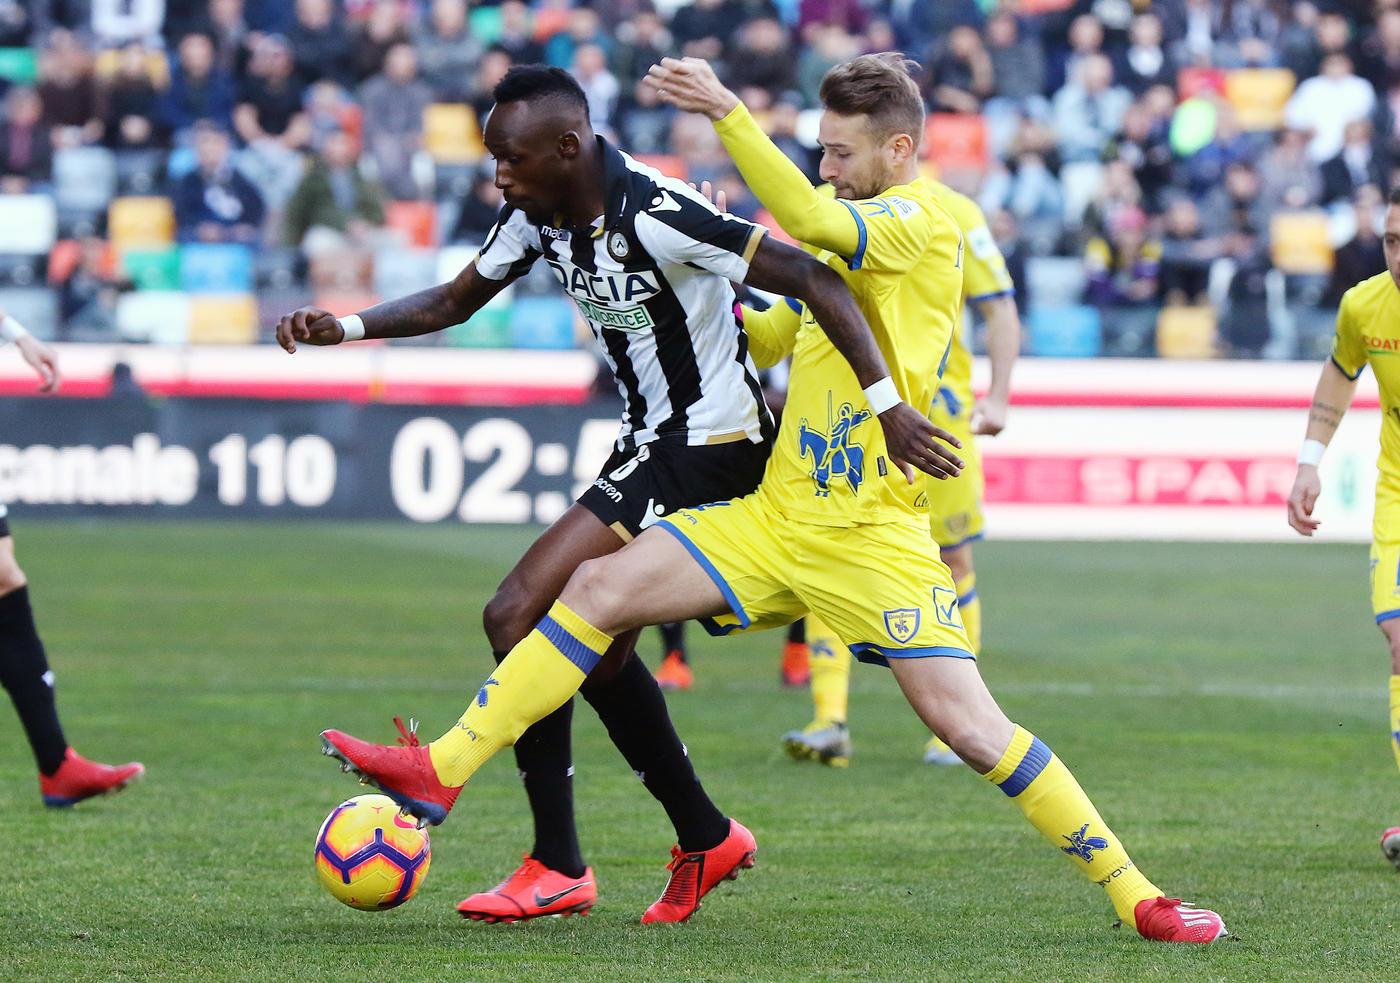 Nella 24a giornata di Serie A, l'Udinese batte 1-0 il Chievo e conquista 3 punti fondamentali per la salvezza. Inizio spumeggiante (Depaoli si divora il vantaggio di testa, Nuytinck colpisce il palo da 35 metri), poi poche emozioni. Nel finale l'episodio che la decide: Djordjevic tira una gomitata a Pussetto e Valeri assegna il rigore con il Var. Teodorczyk si fa ipnotizzare da Sorrentino, ma non sbaglia sulla ribattuta. Clivensi quasi spacciati.<br /><br />